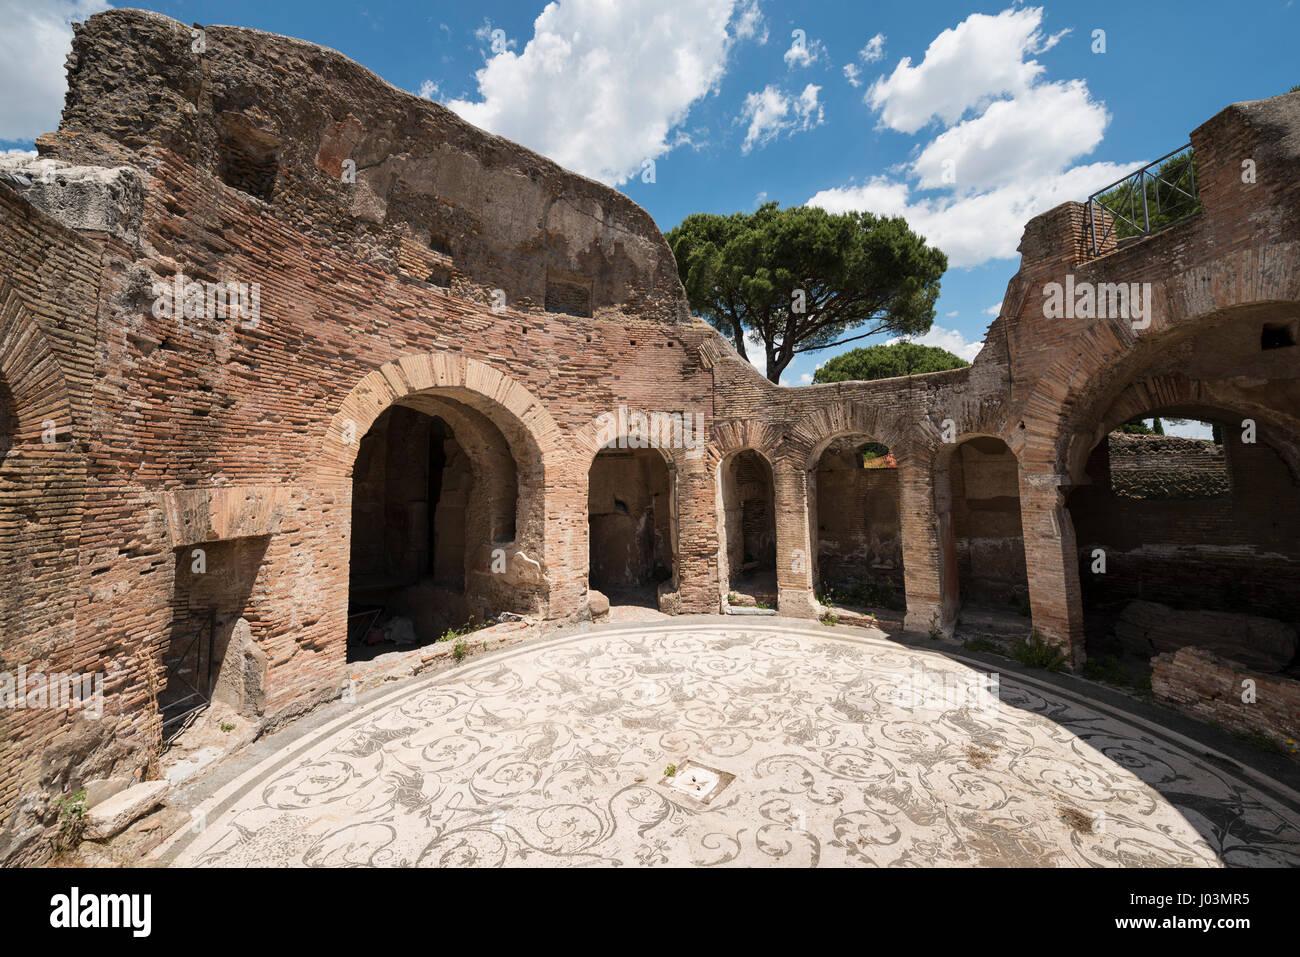 Roma. L'Italia. Ostia Antica. Terme di sette saggi, sala circolare del frigidarium. Terme dei Sette sapienti. Immagini Stock